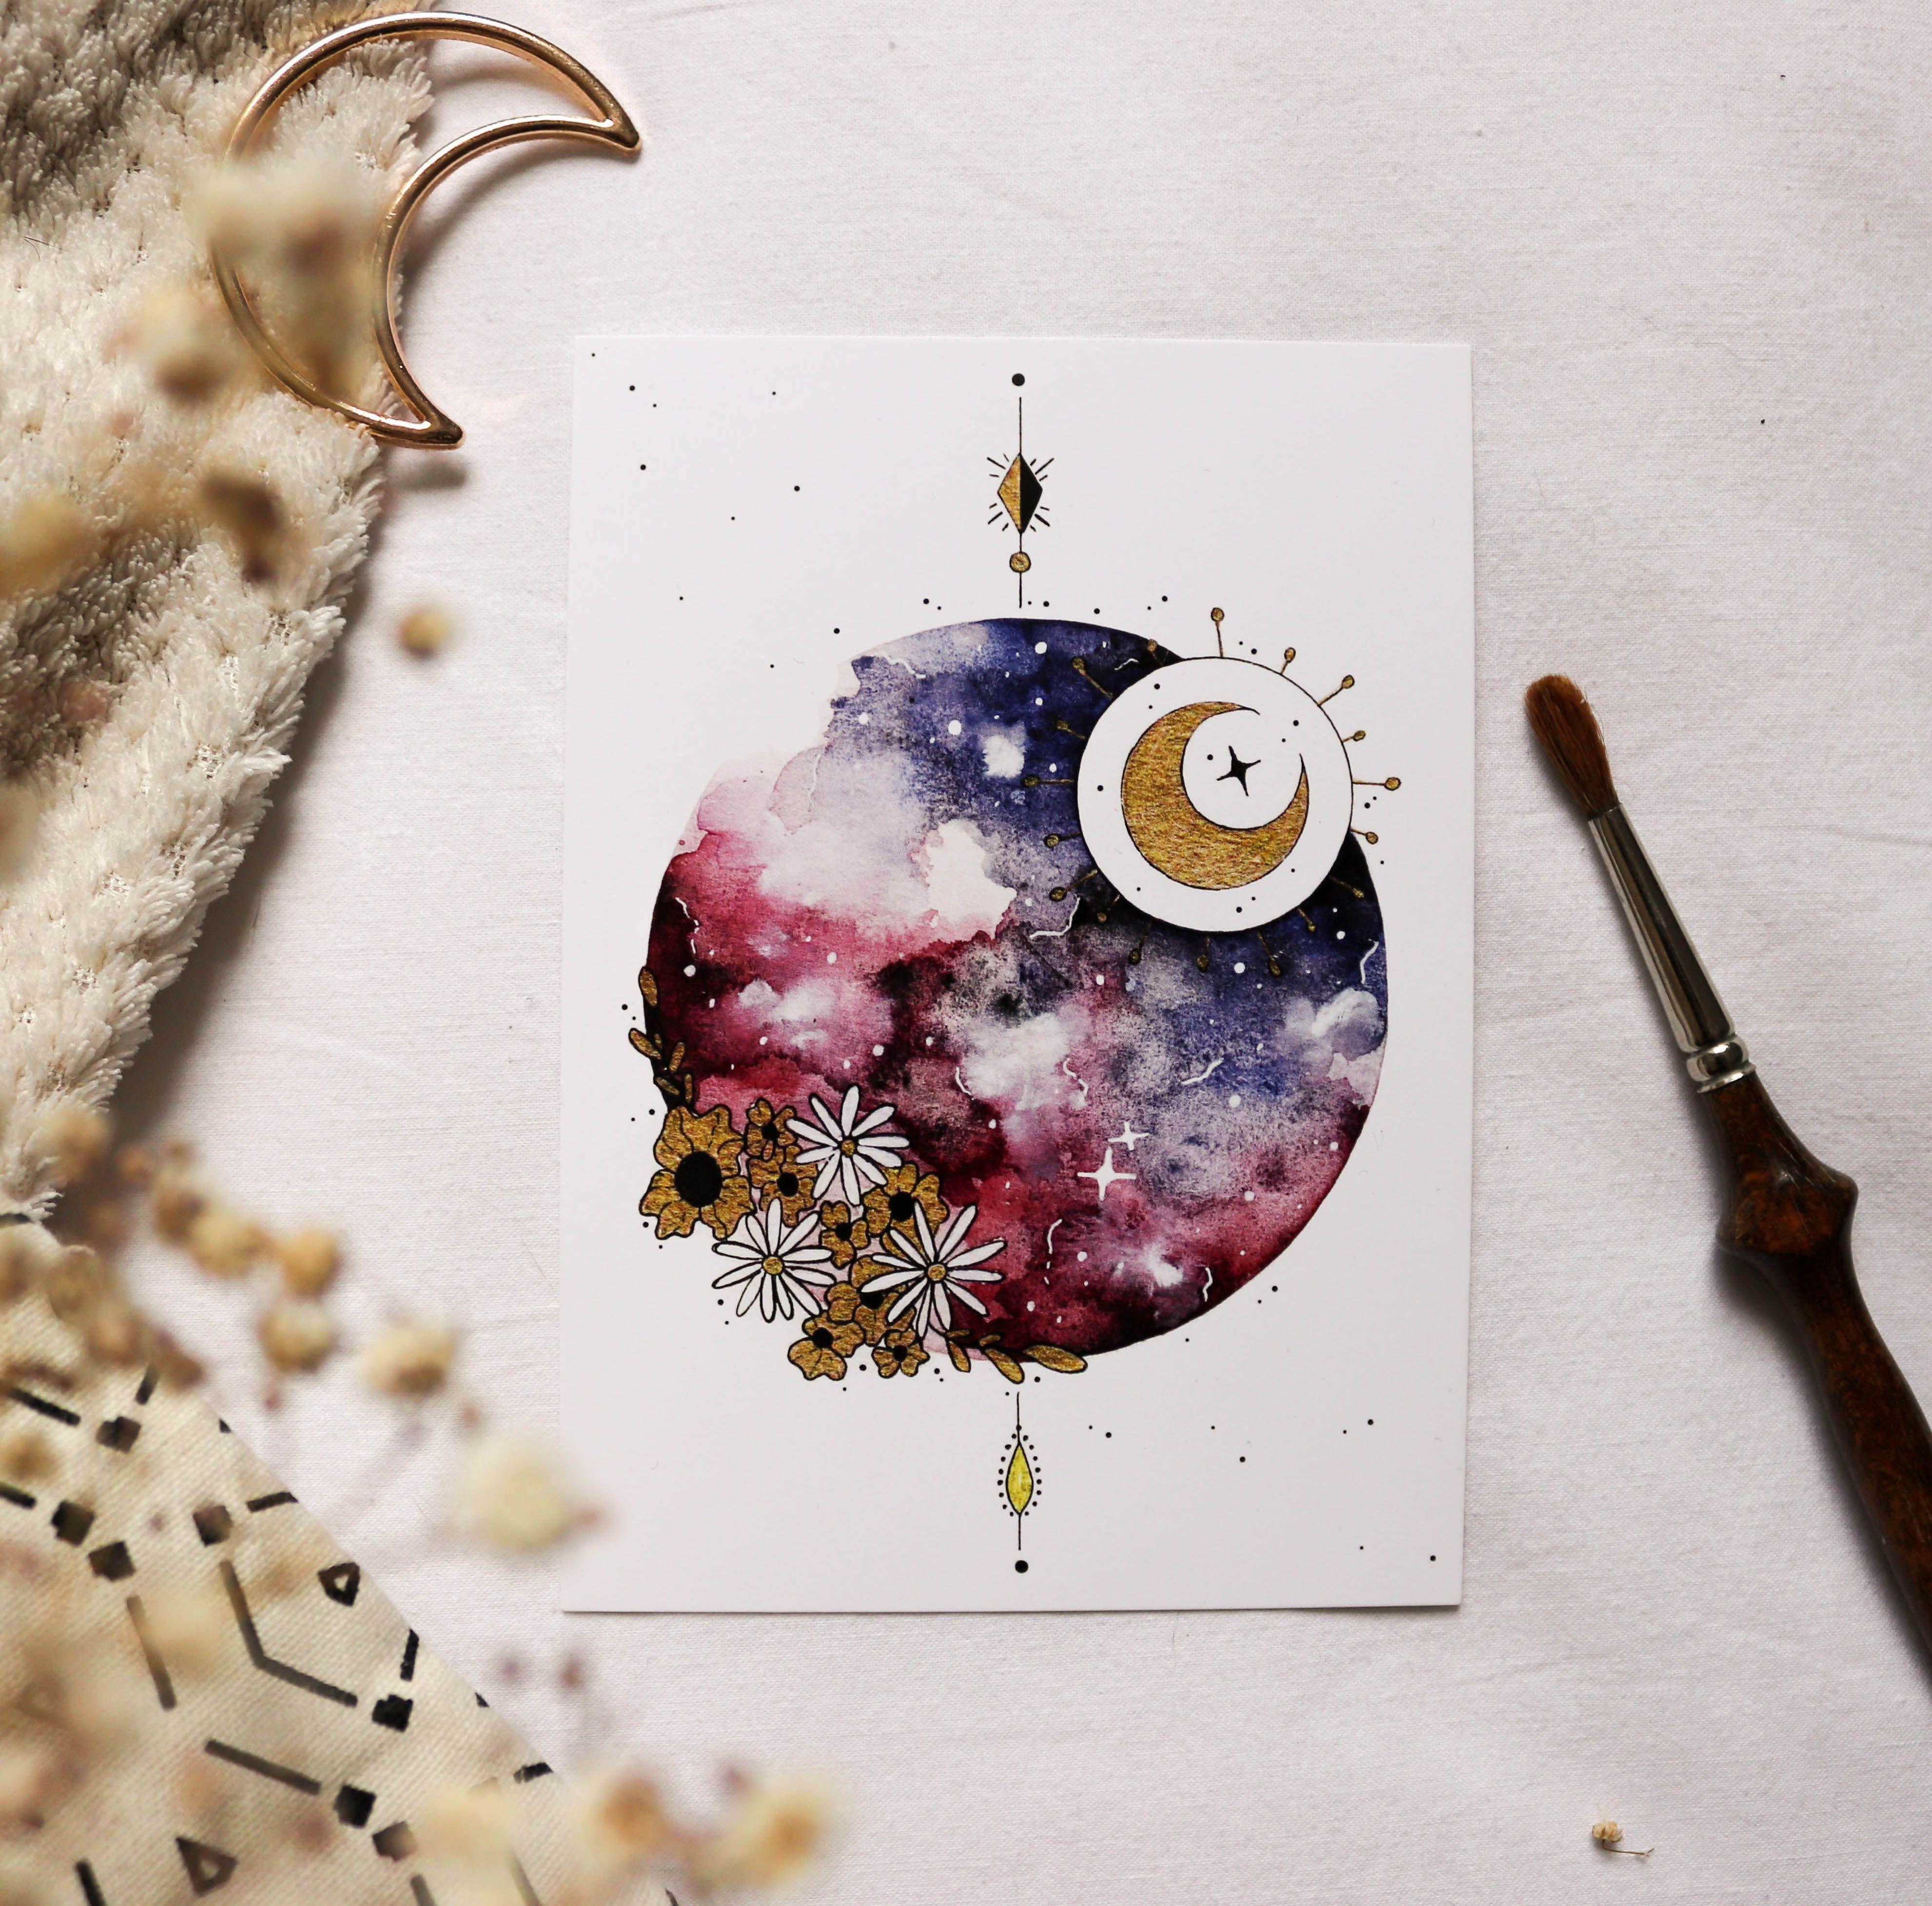 Lot De 3 Cartes Lunaires Peinture A L Aquarelle Aquarelle Dessin